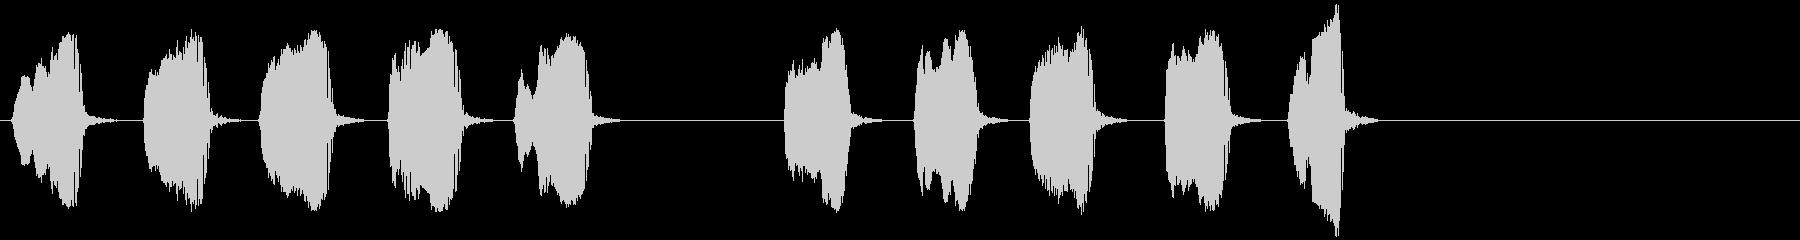 アヒルの鳴き声。の未再生の波形